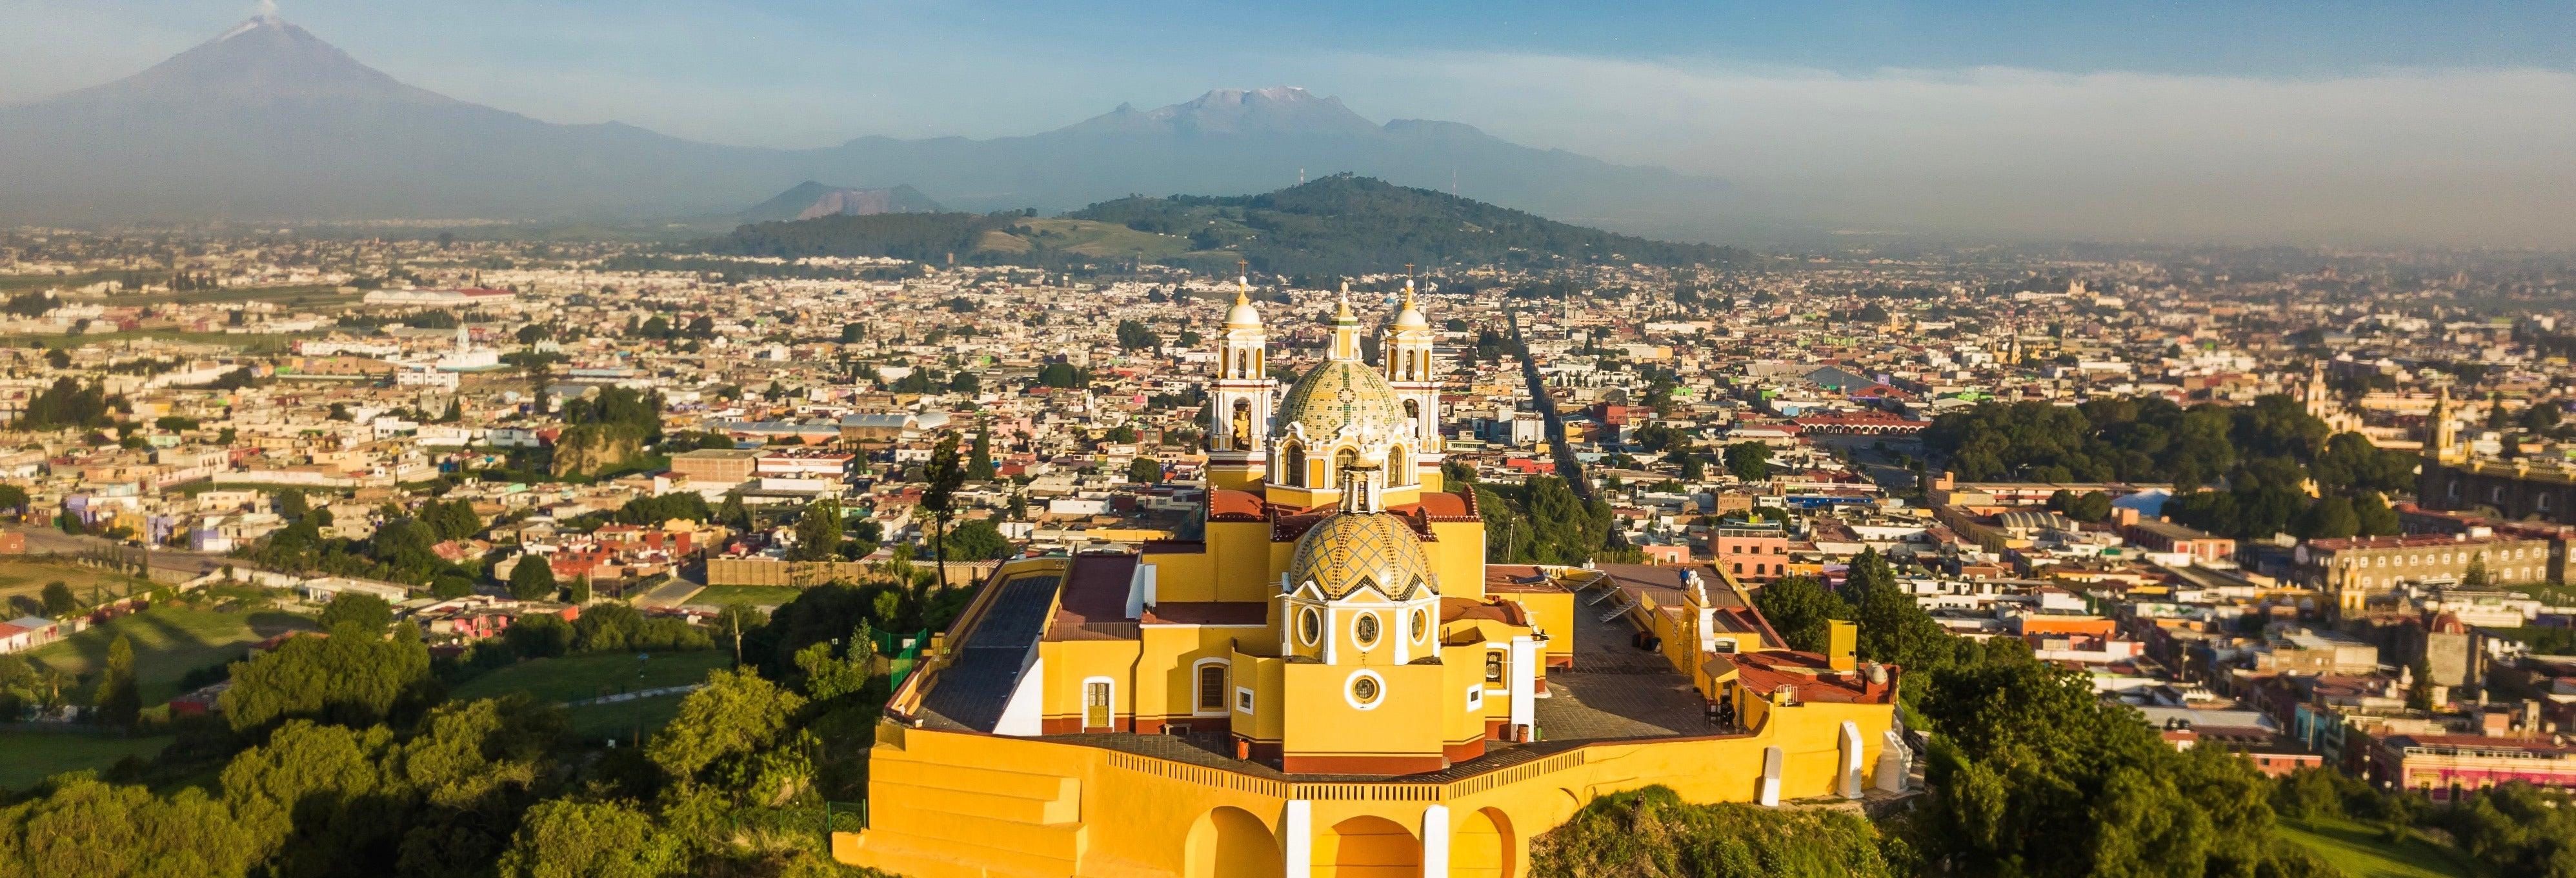 Visita guiada por Puebla